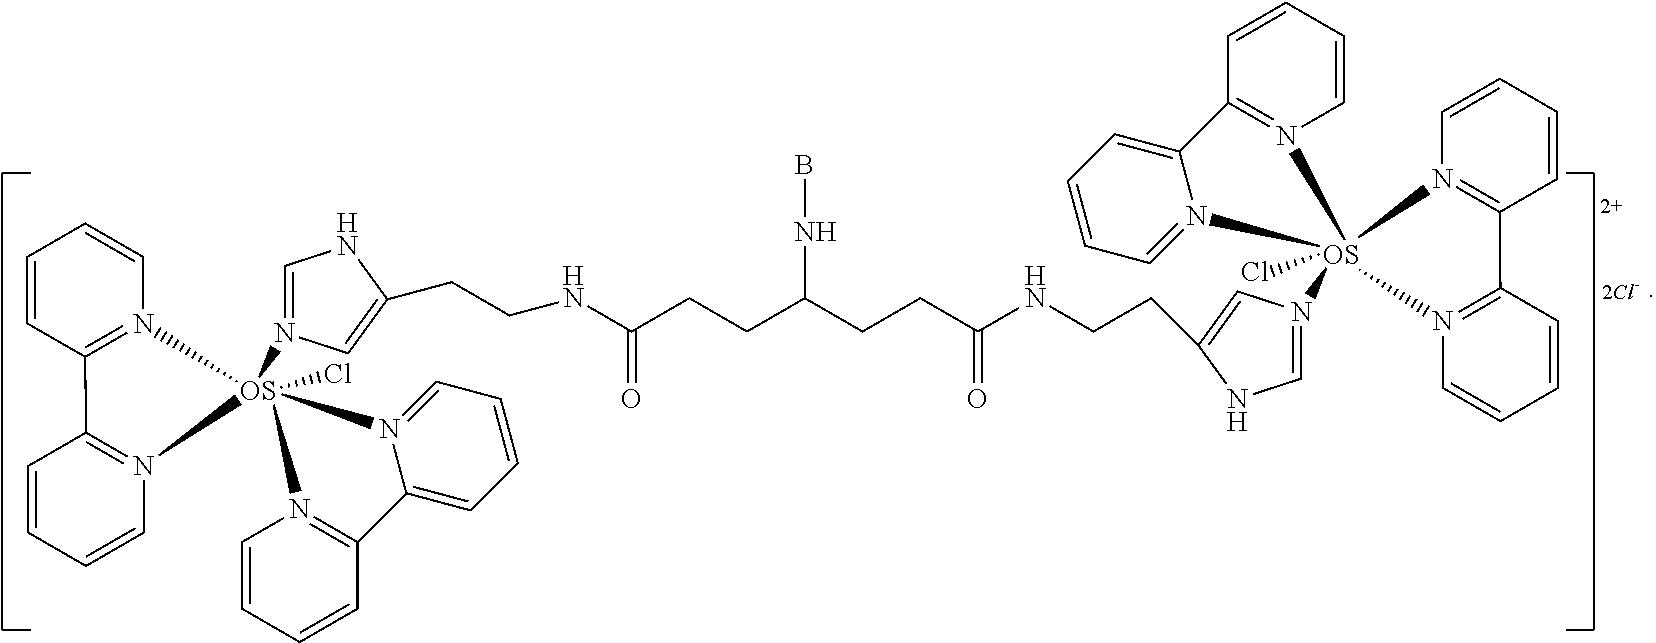 Figure US08288544-20121016-C00015